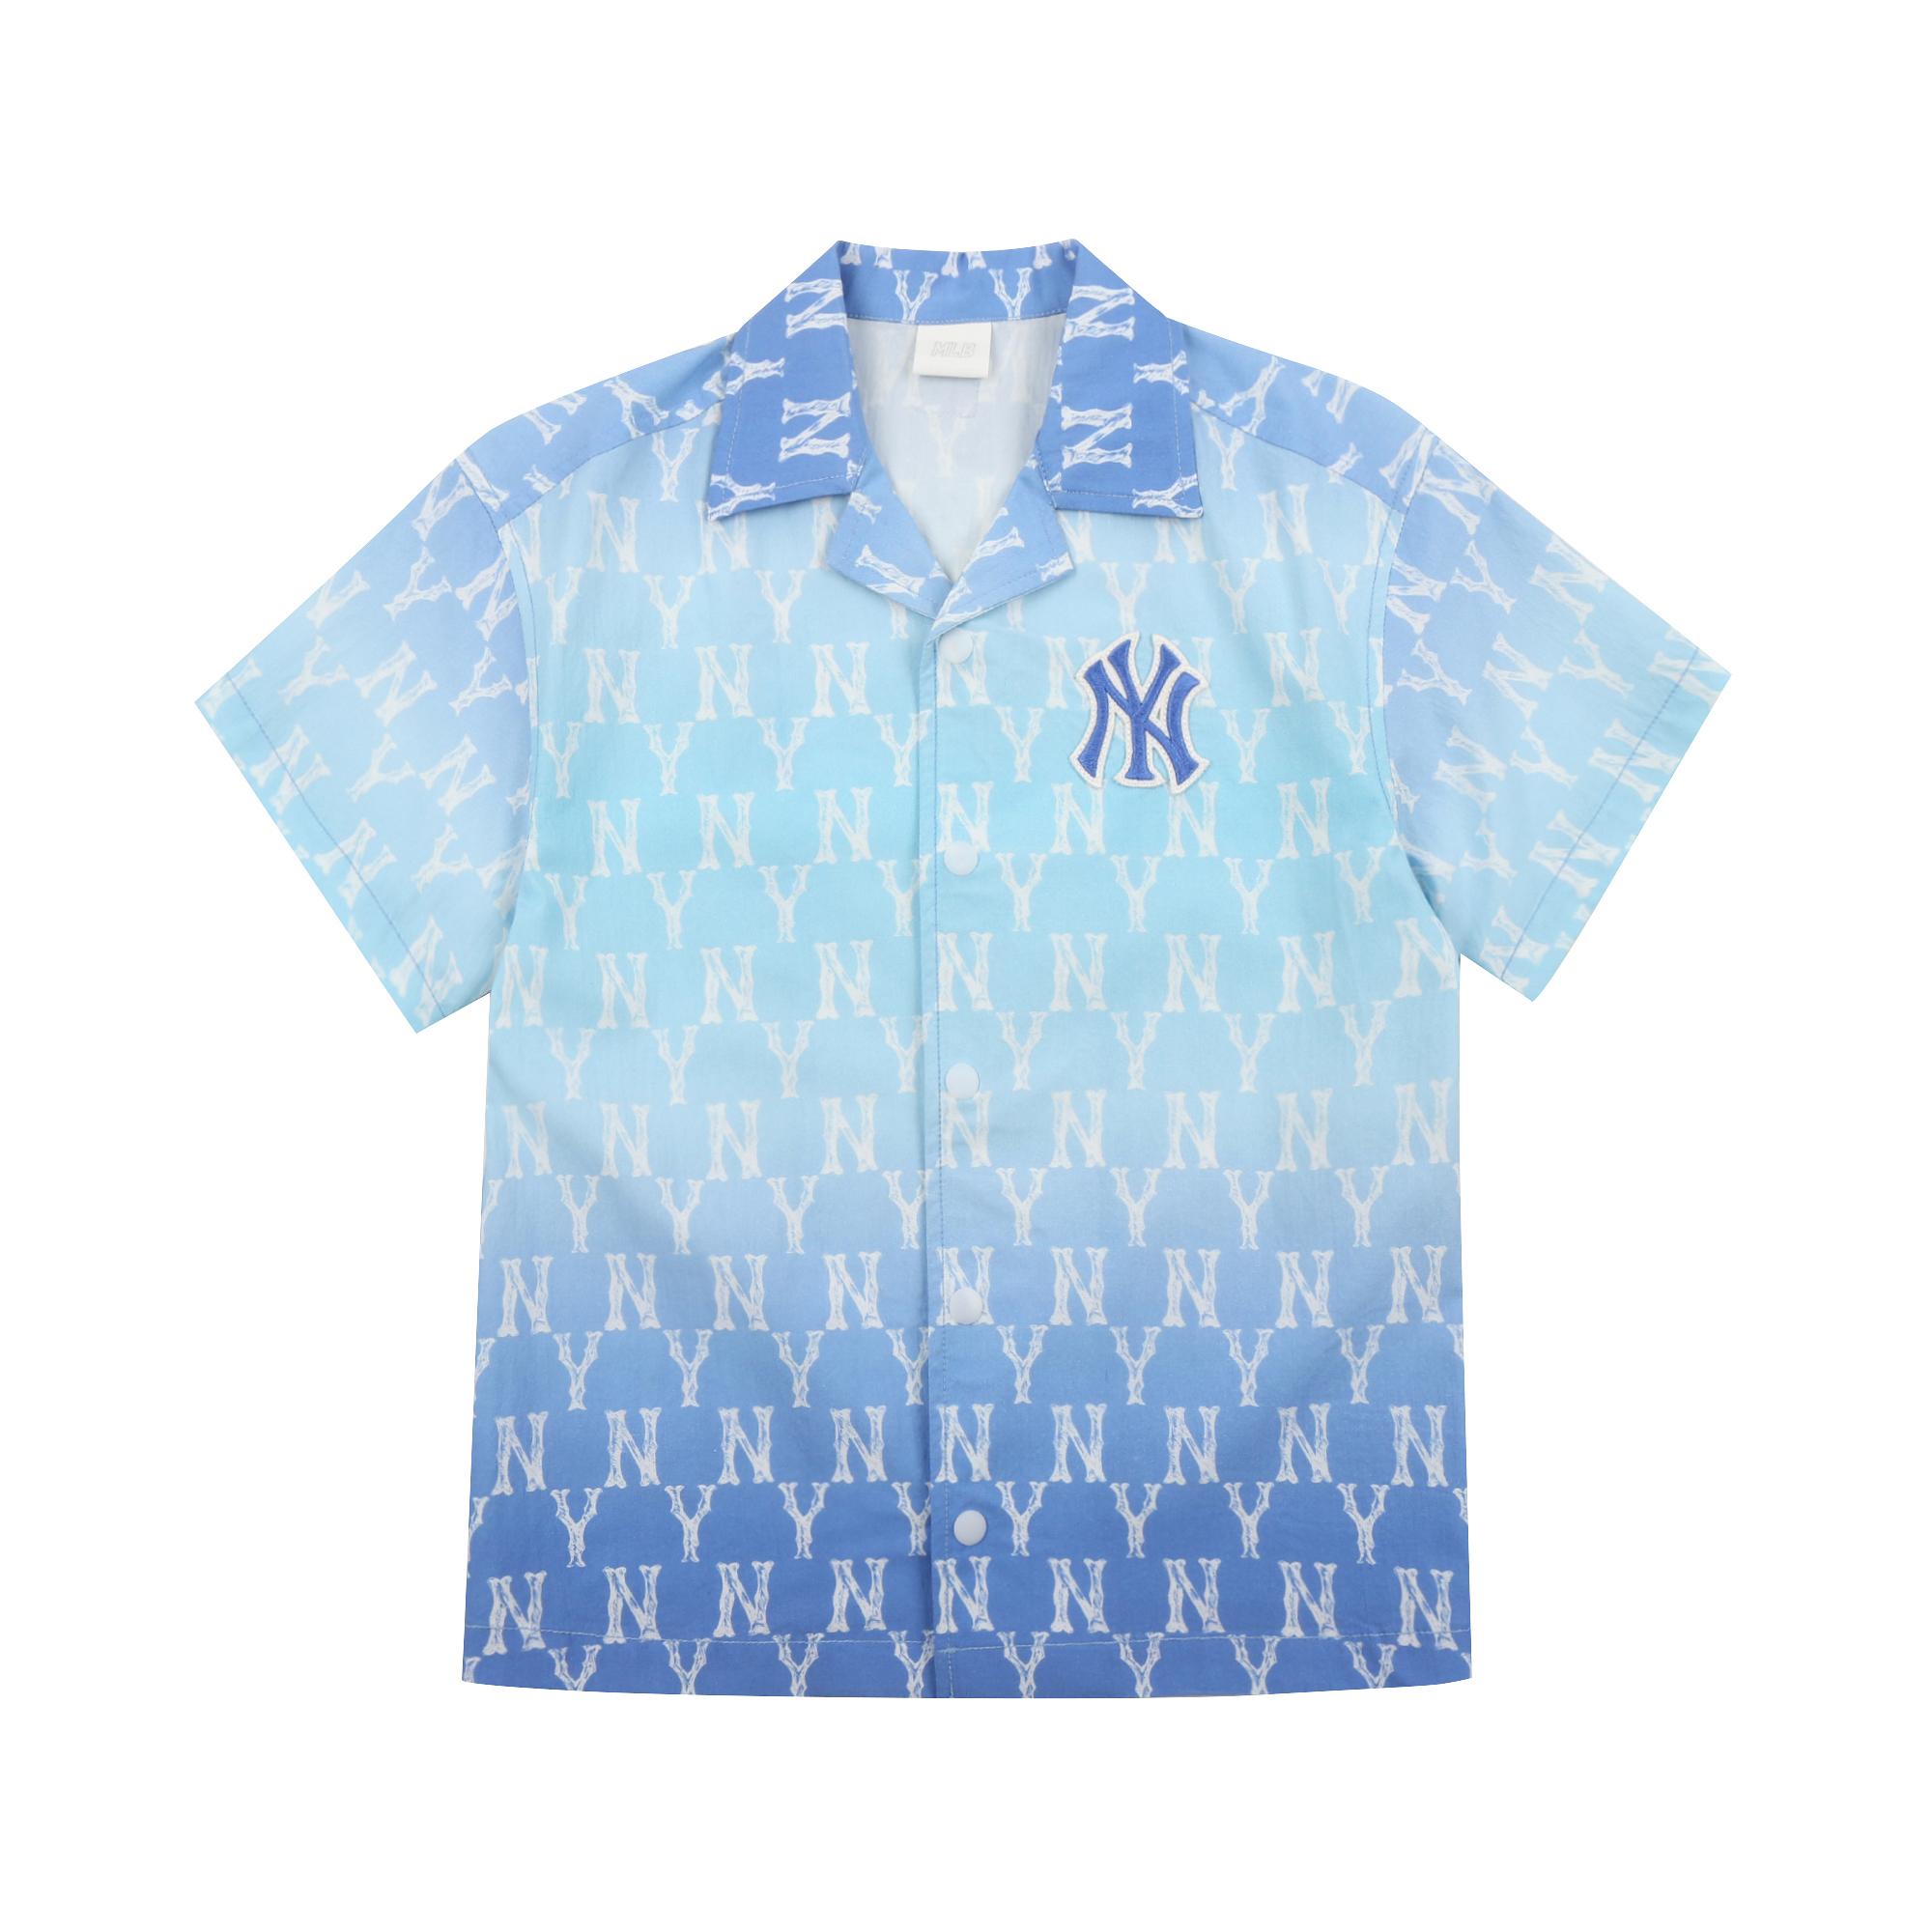 모노그램 그라데이션 우븐 셔츠 뉴욕양키스